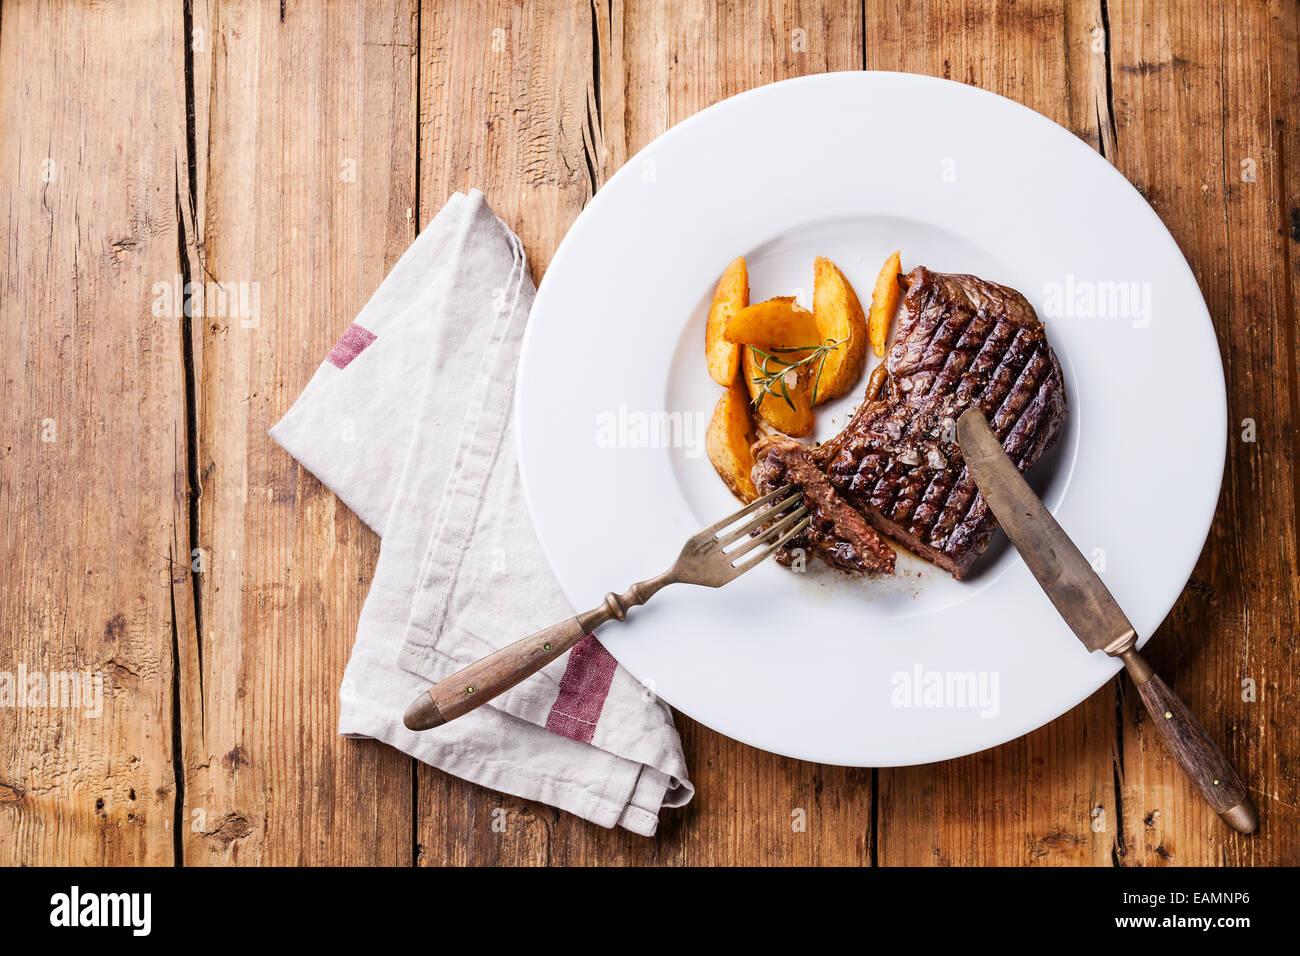 Amérique du Sud grillé Bifteck de boeuf premium avec les quartiers de pommes de terre rôties sur Photo Stock